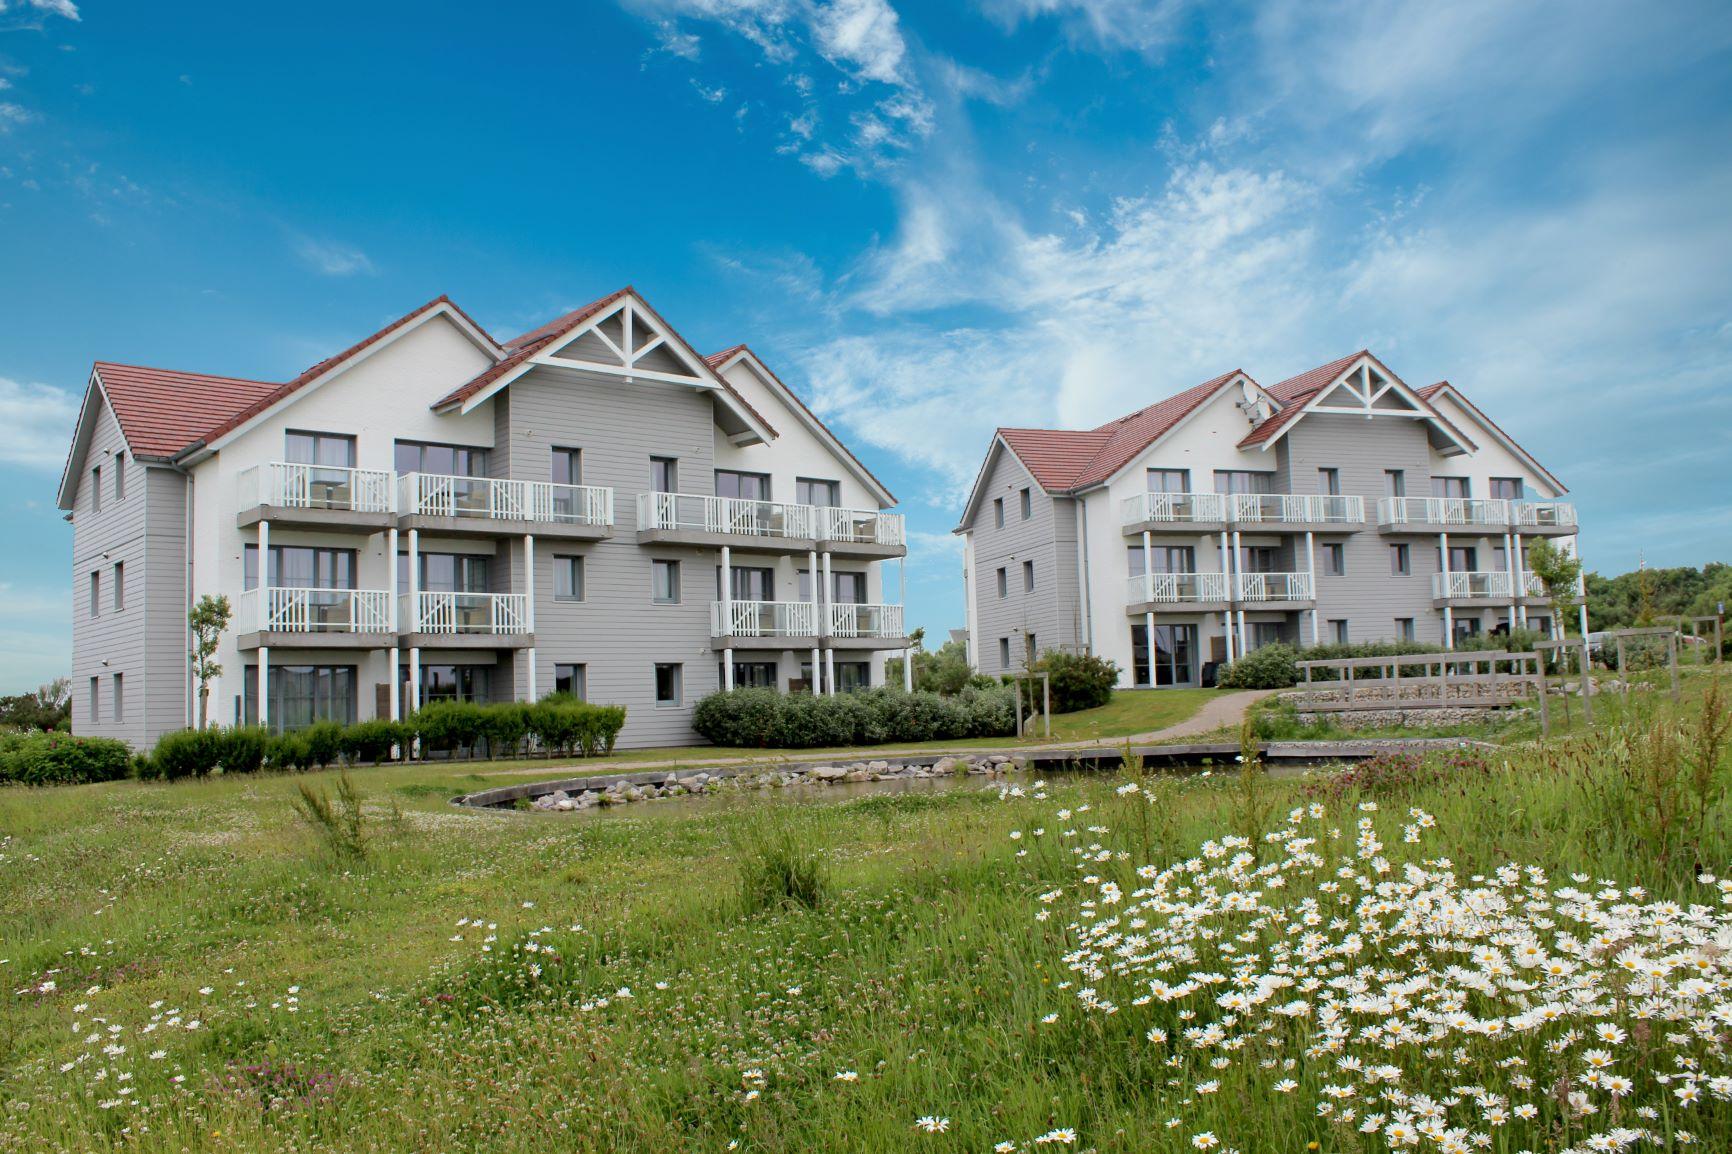 Vente -   Appartement - 1 pièce(s) - 33 m²    Équihen-plage (62)